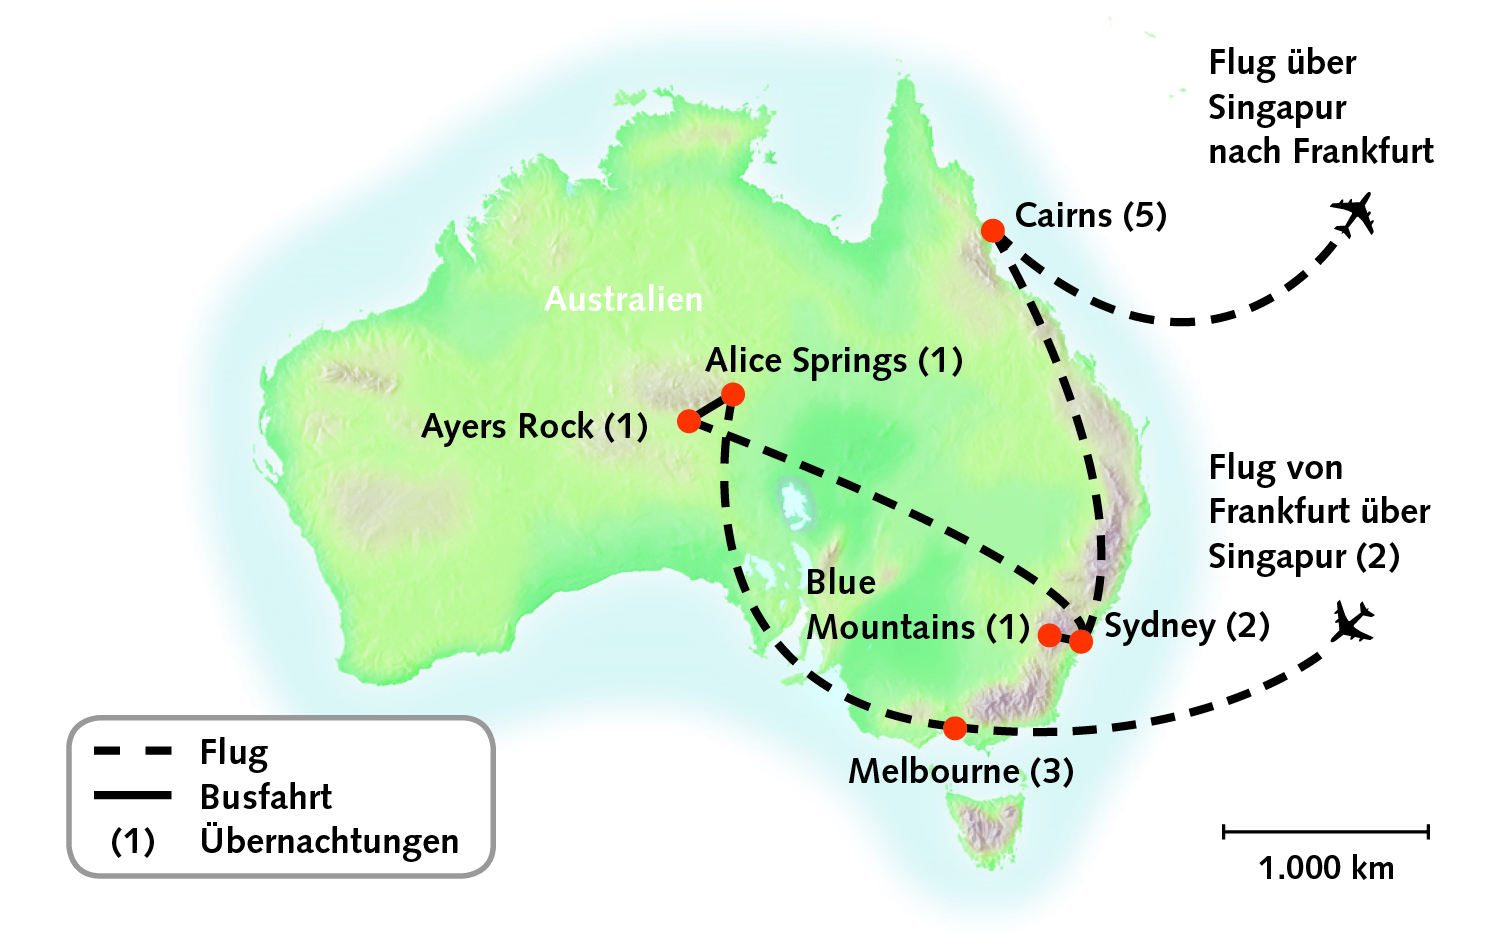 Routenkarte_Australien_18T_AkzenteAustraliens_Update_2019_02_CMYK